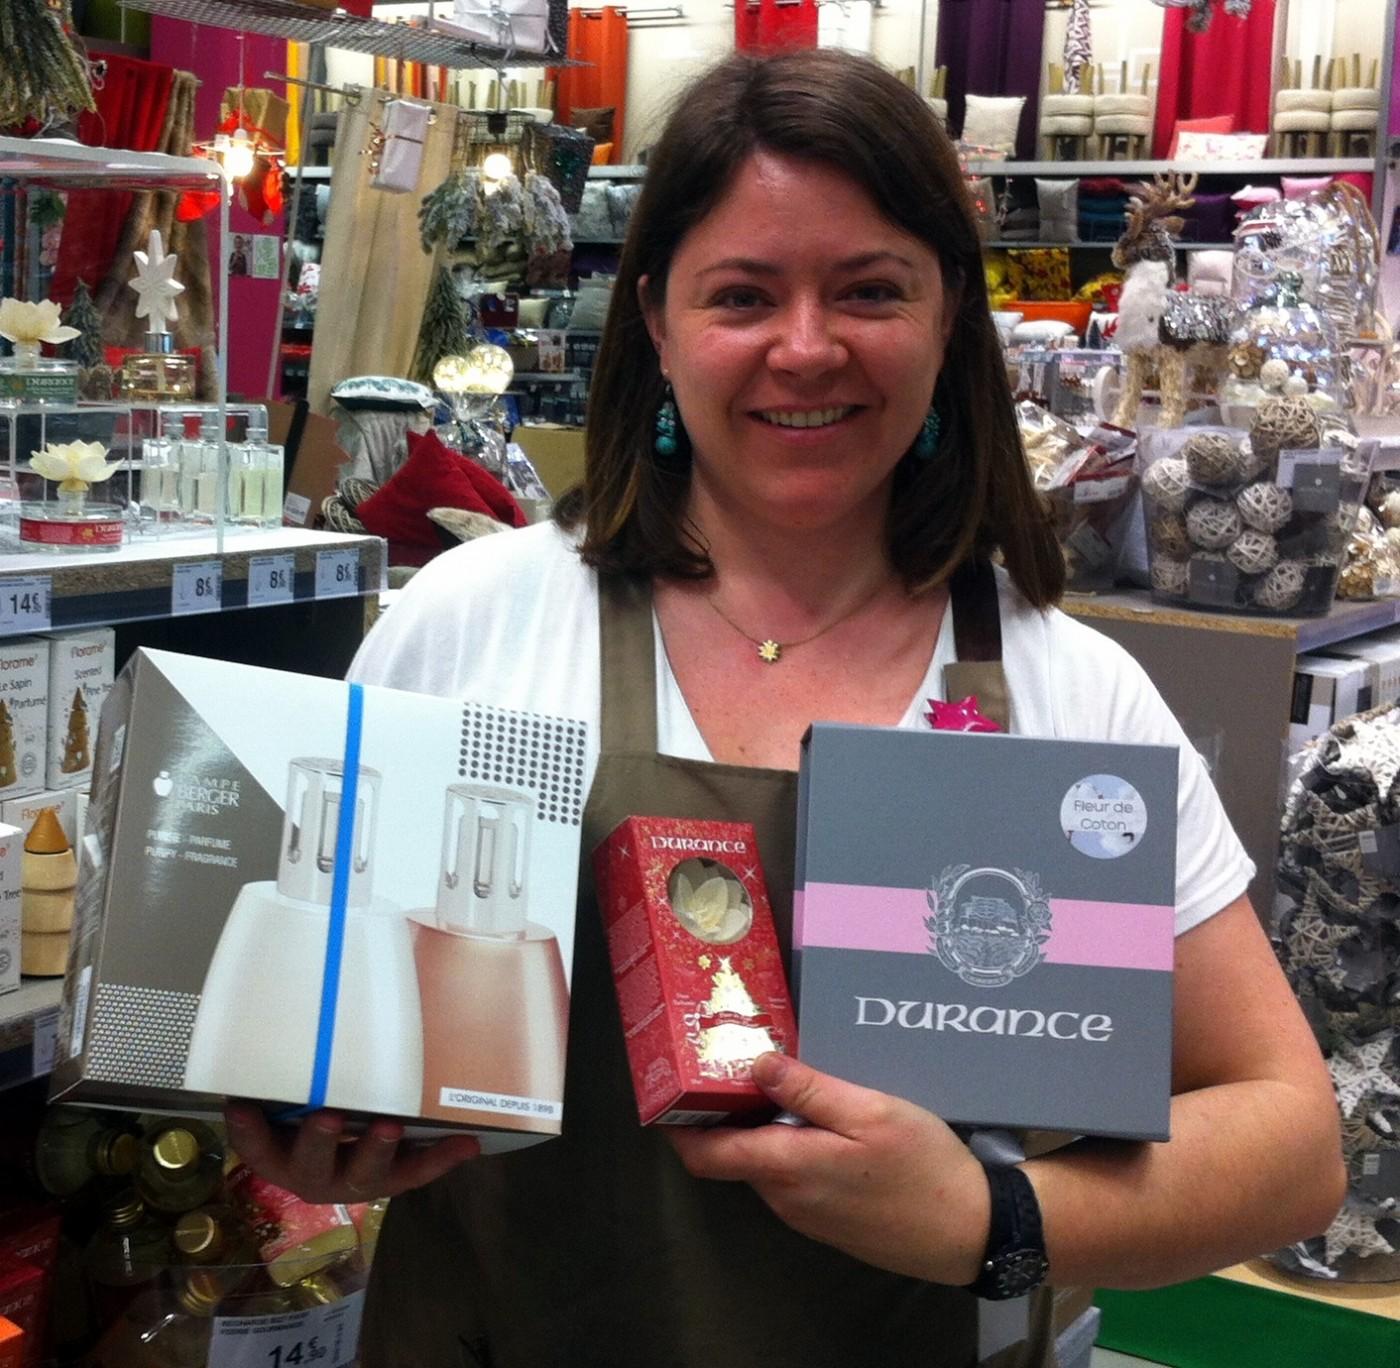 Des cadeaux parfumés sous le sapin !